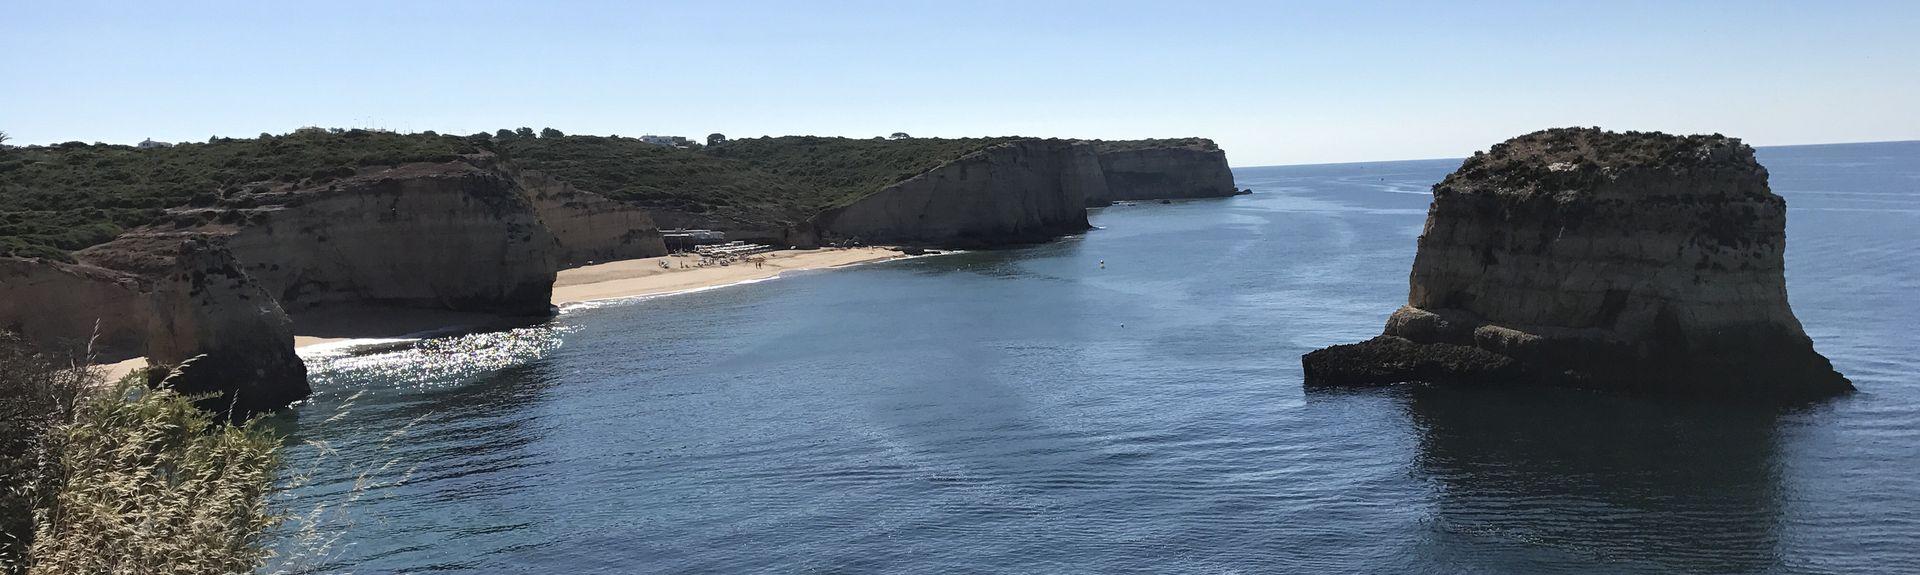 Três Castelosin ranta, Faron piiri, Portugali